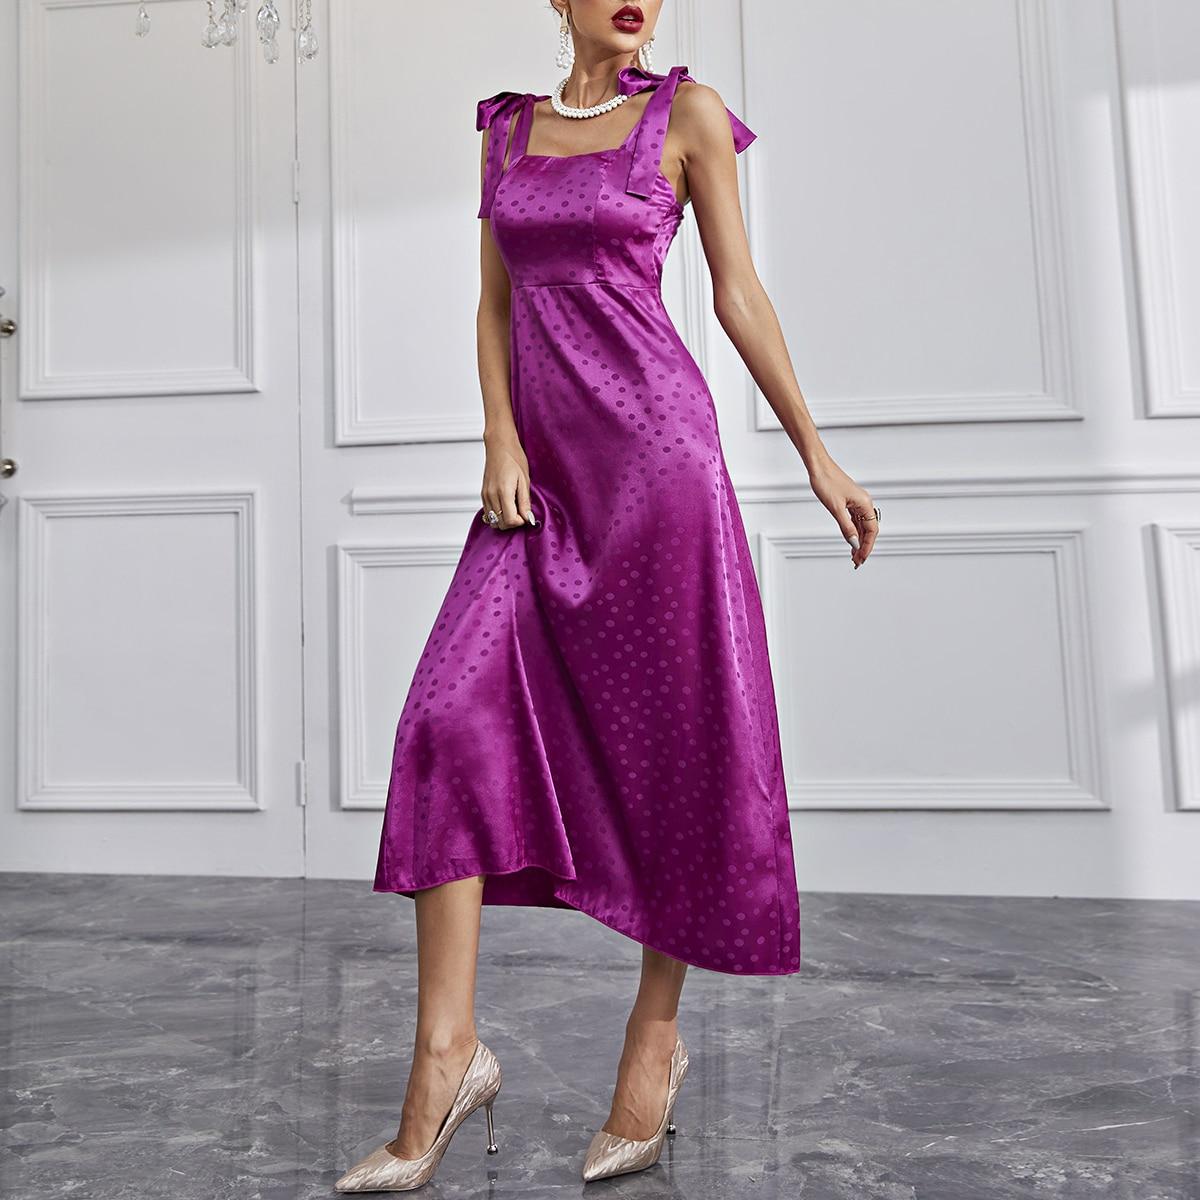 Polka Dot Print Tie Shoulder Satin Dress